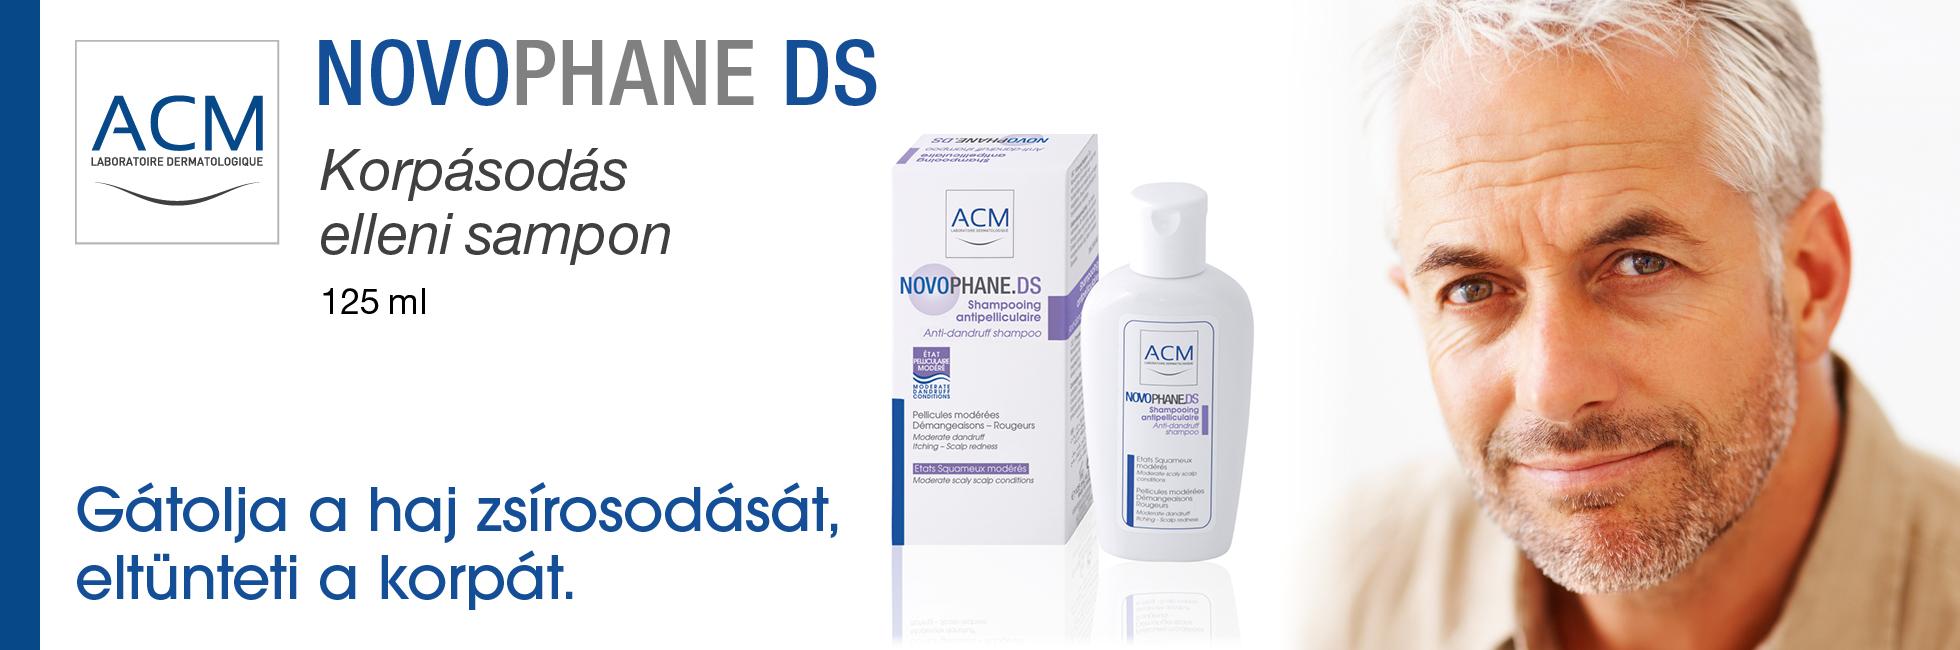 Novophane DS